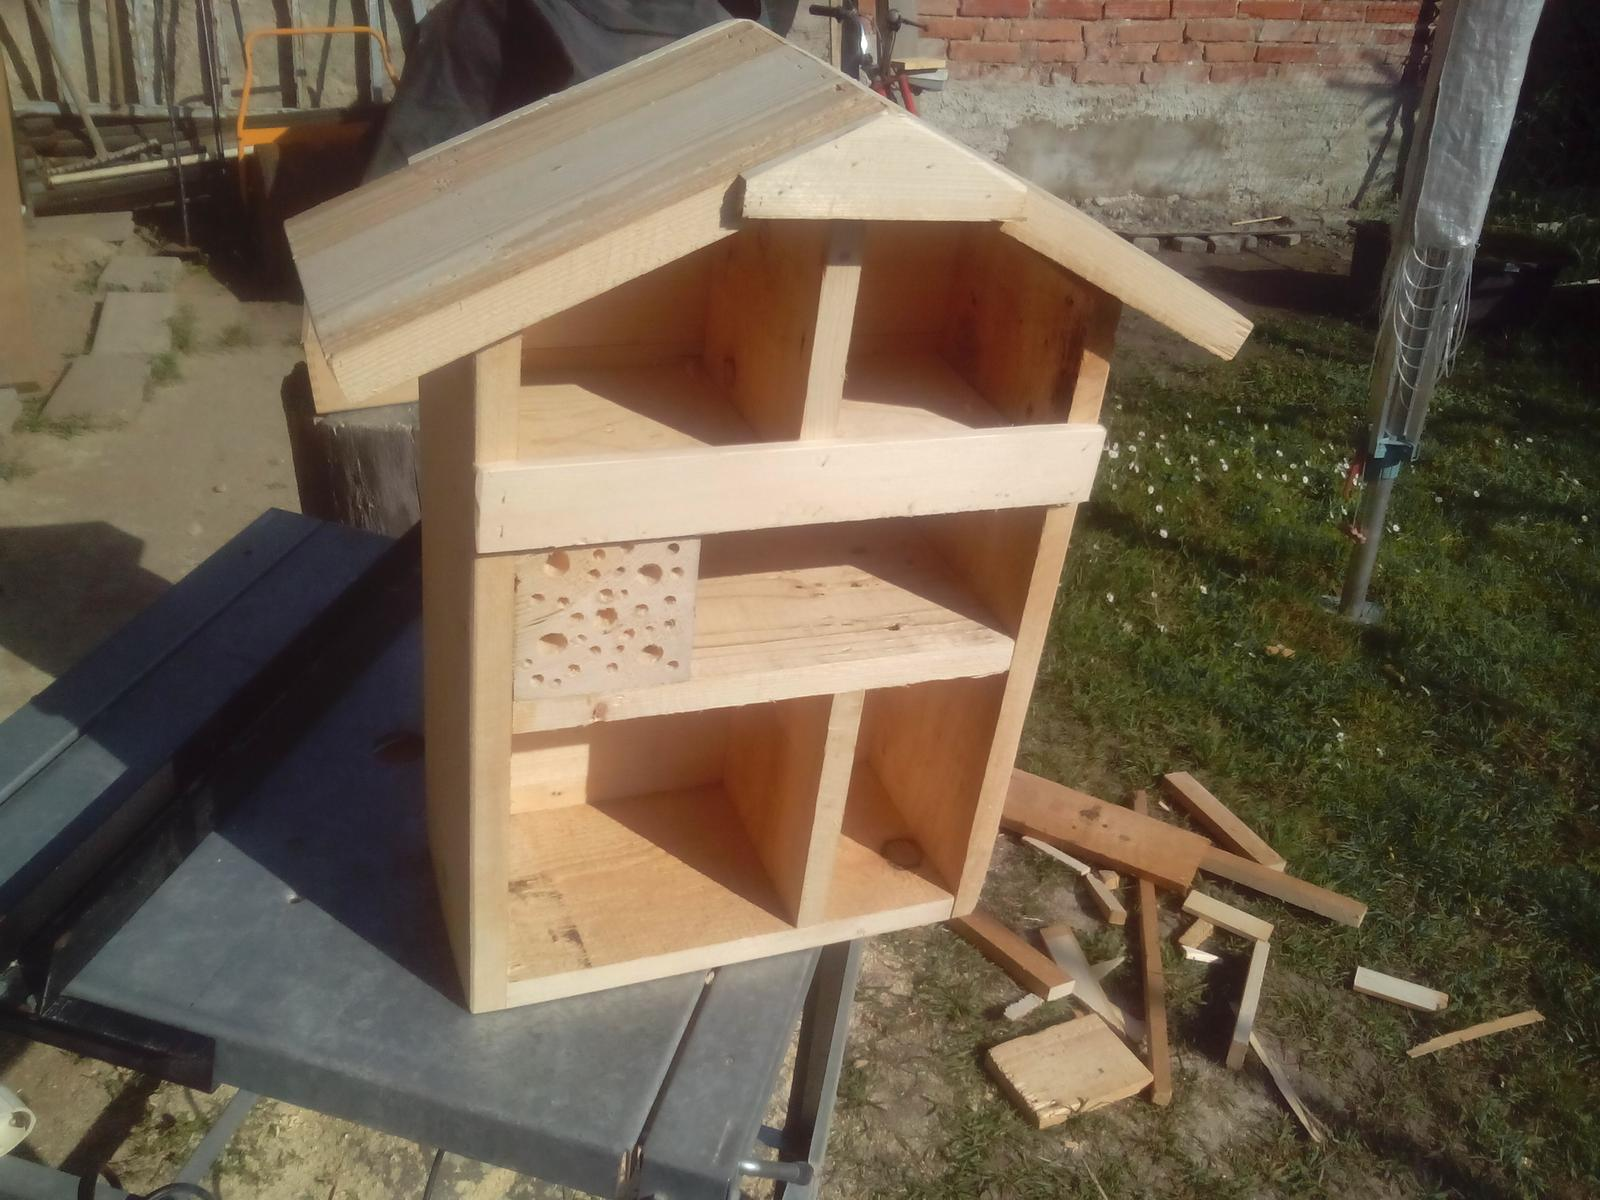 Ešte raz niečo zo zbytkov dreva - Už sa to začína na niečo podobat. :o)